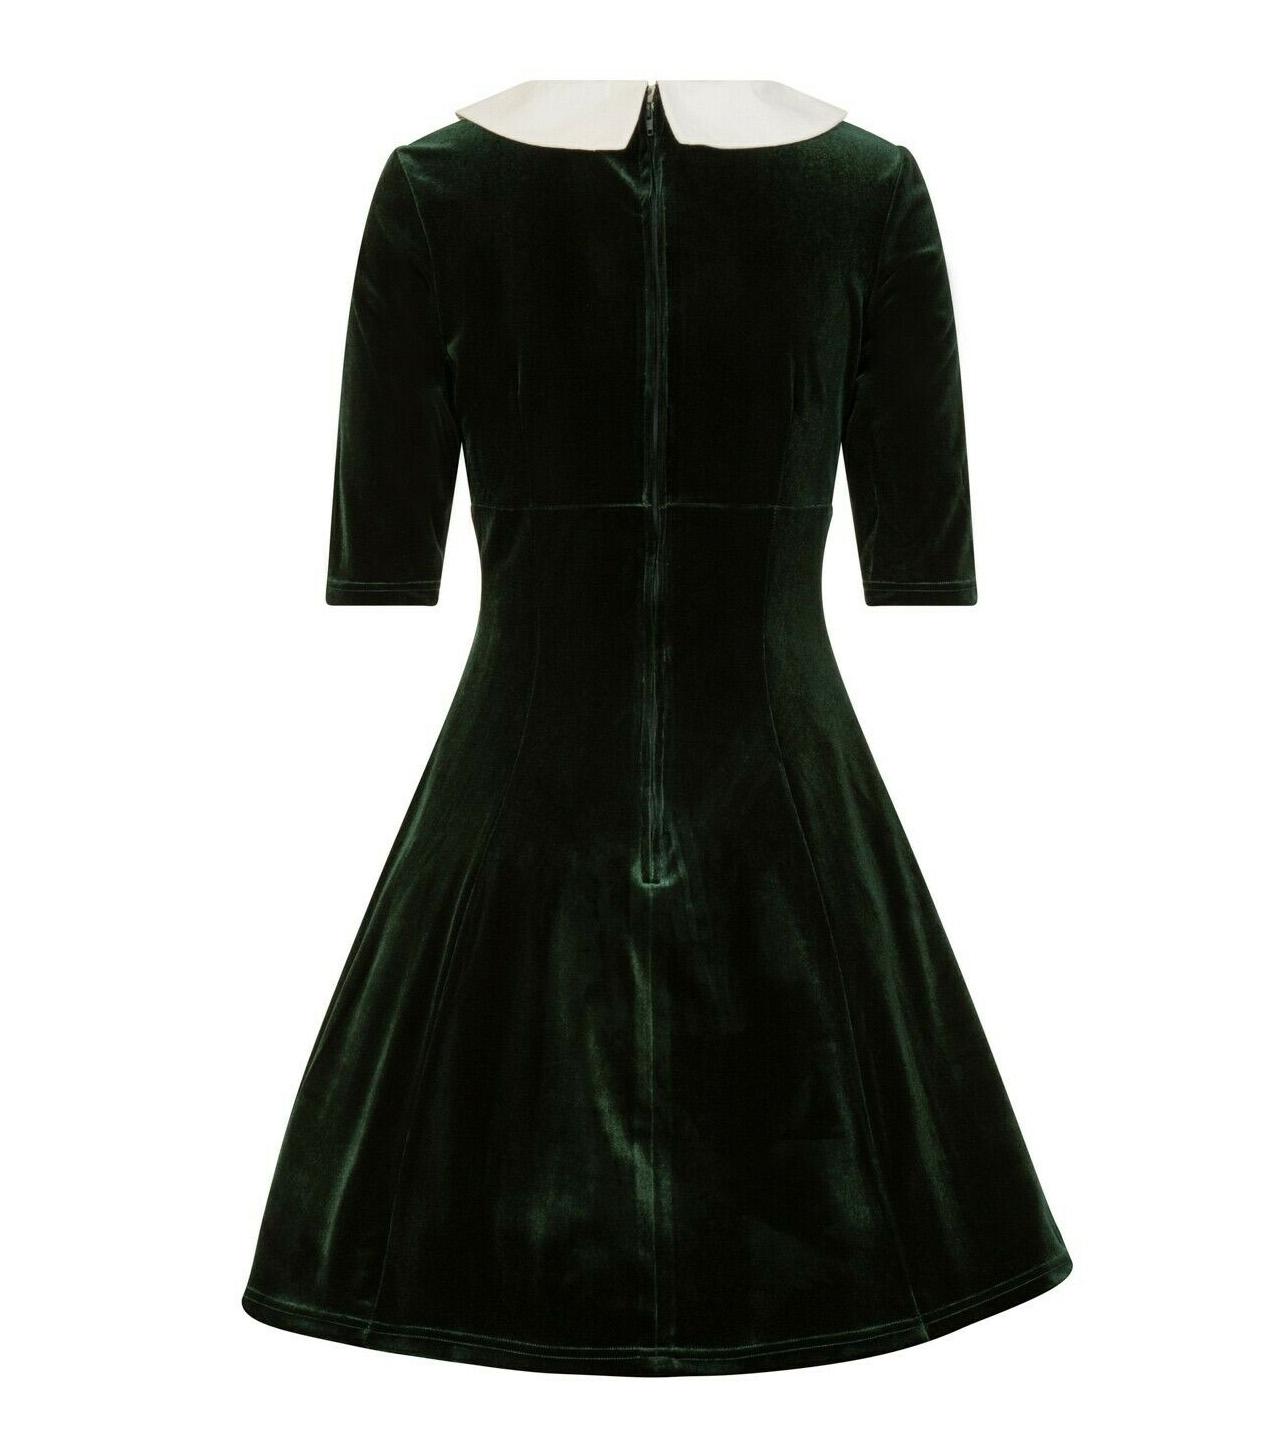 Hell-Bunny-Mini-Skater-Dress-Festive-Christmas-NICOLA-Green-Velvet-All-Sizes thumbnail 25